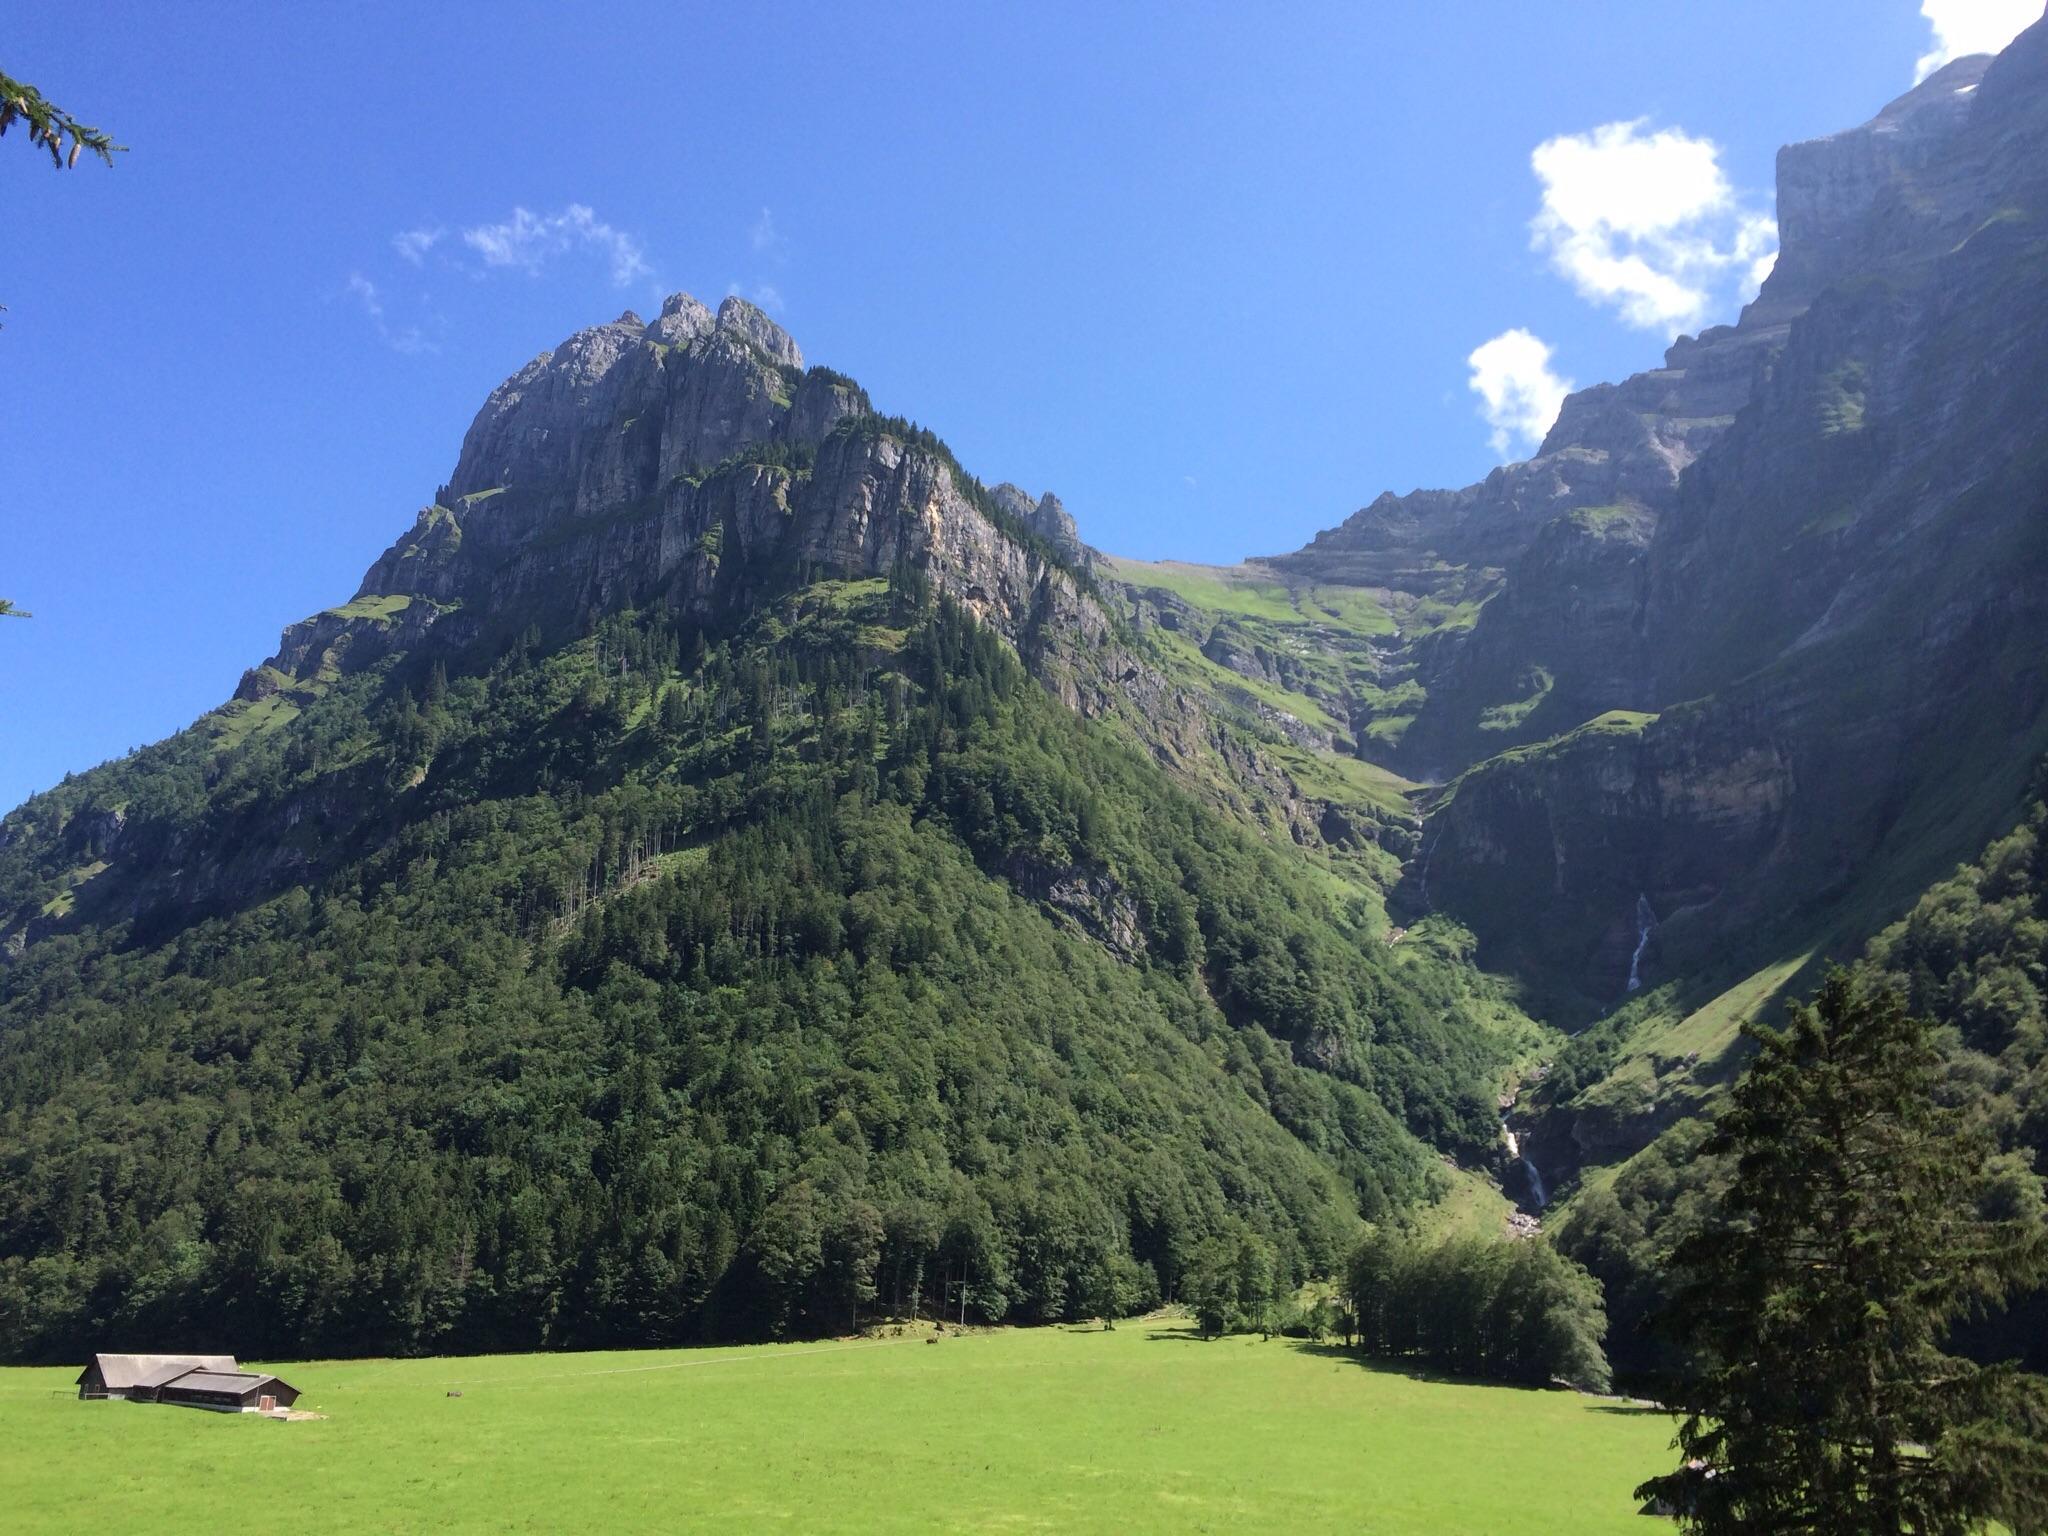 Der Blick in das Tal des Aufstiegs (bei der Rückkehr mit Sonne)